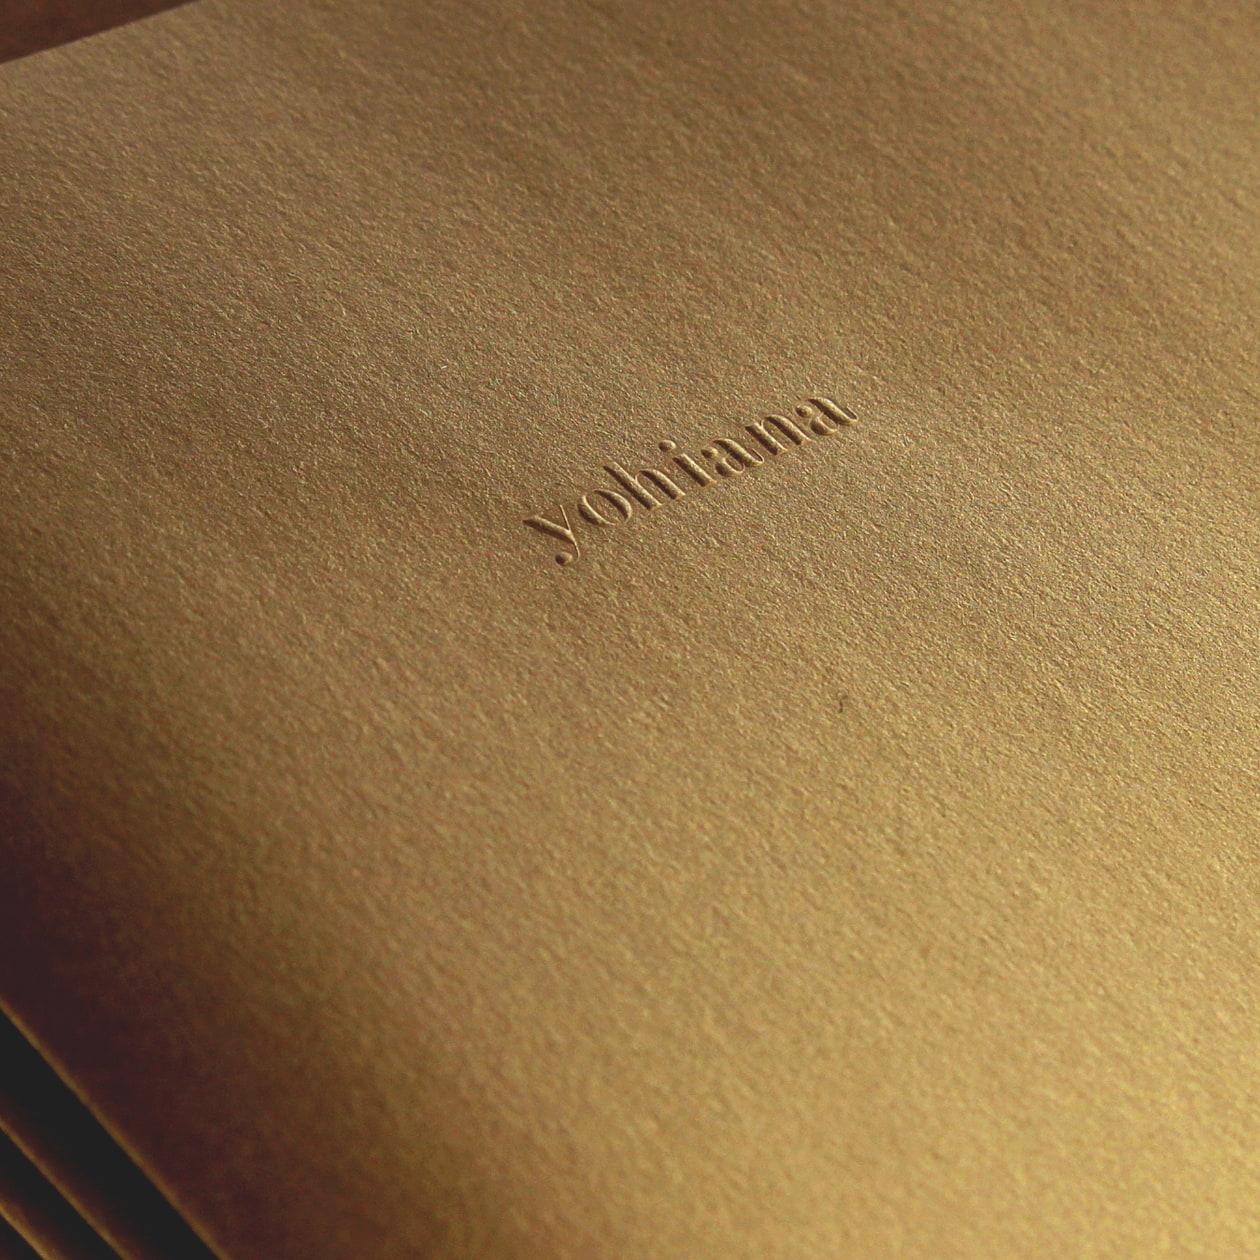 アンティークな雰囲気の商品紹介パンフレット